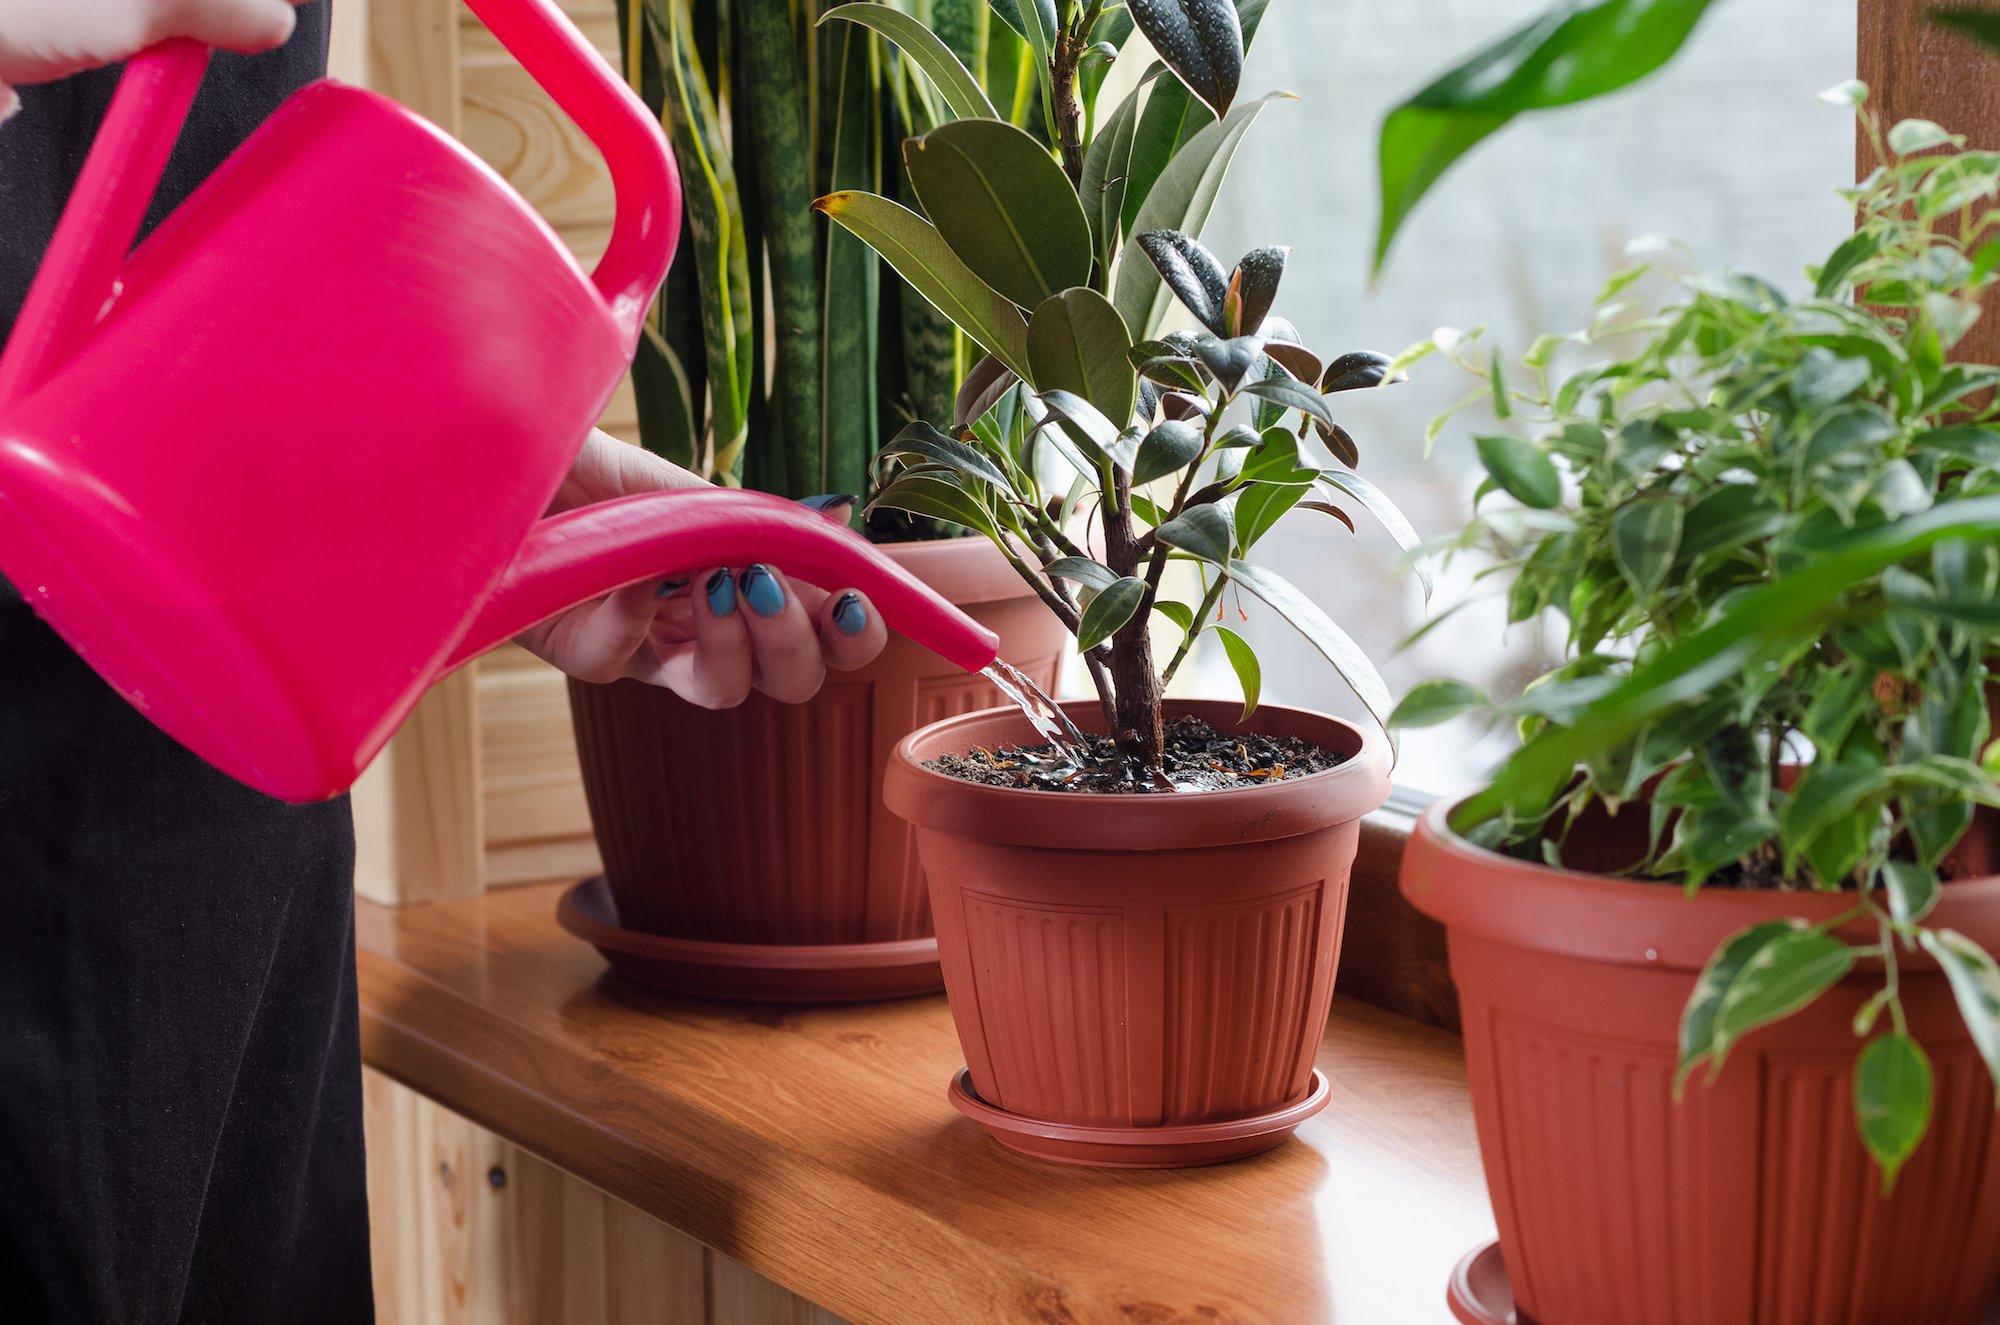 Piante Grasse Da Appartamento Quando Innaffiare.Un Esperto Di Piante Da Interni Rivela Un Semplice Trucco Per